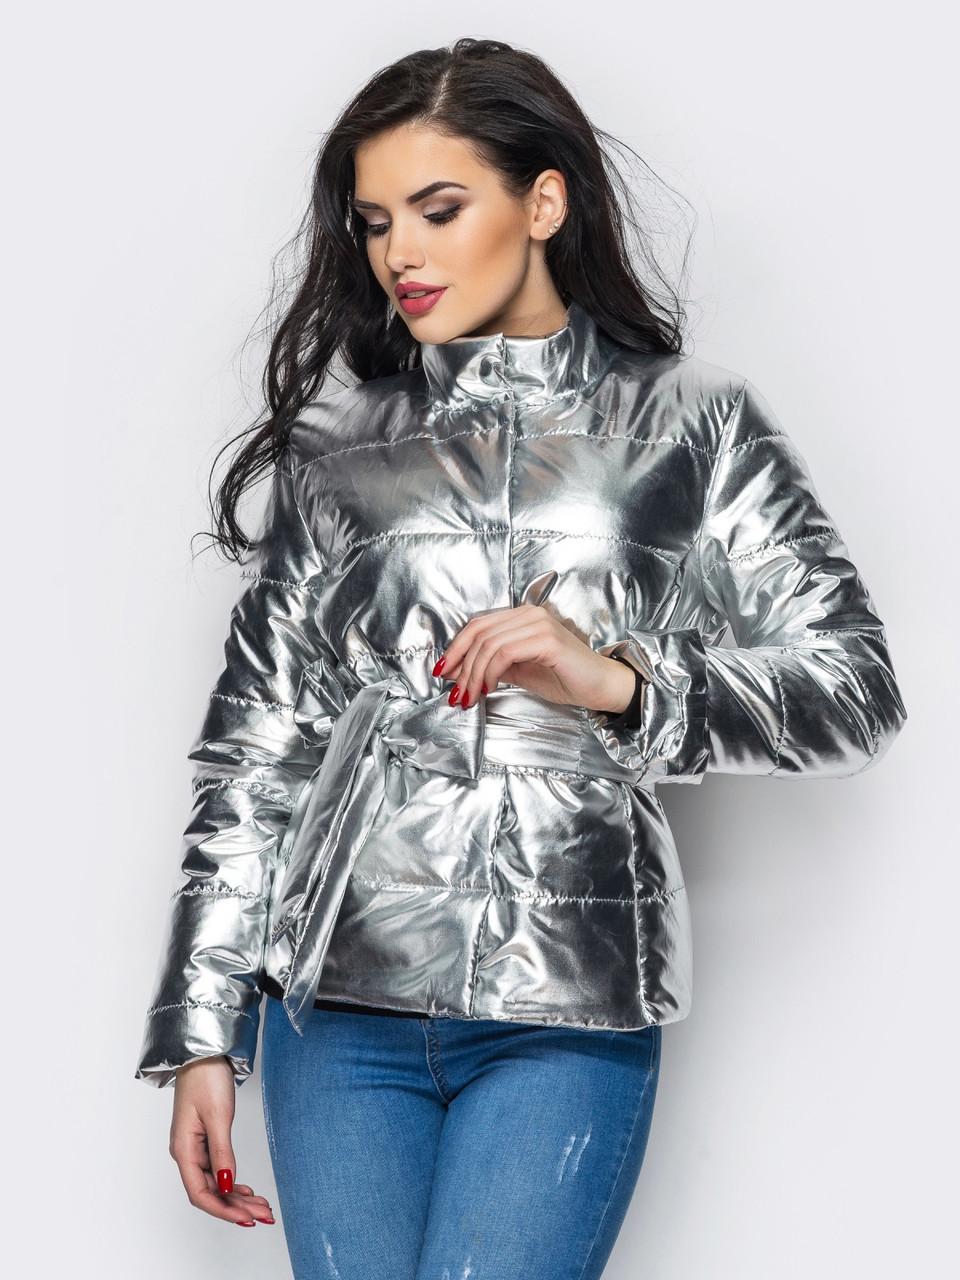 Куртка жіноча демісезонна срібна розмір 40-42 a704ff362be7b